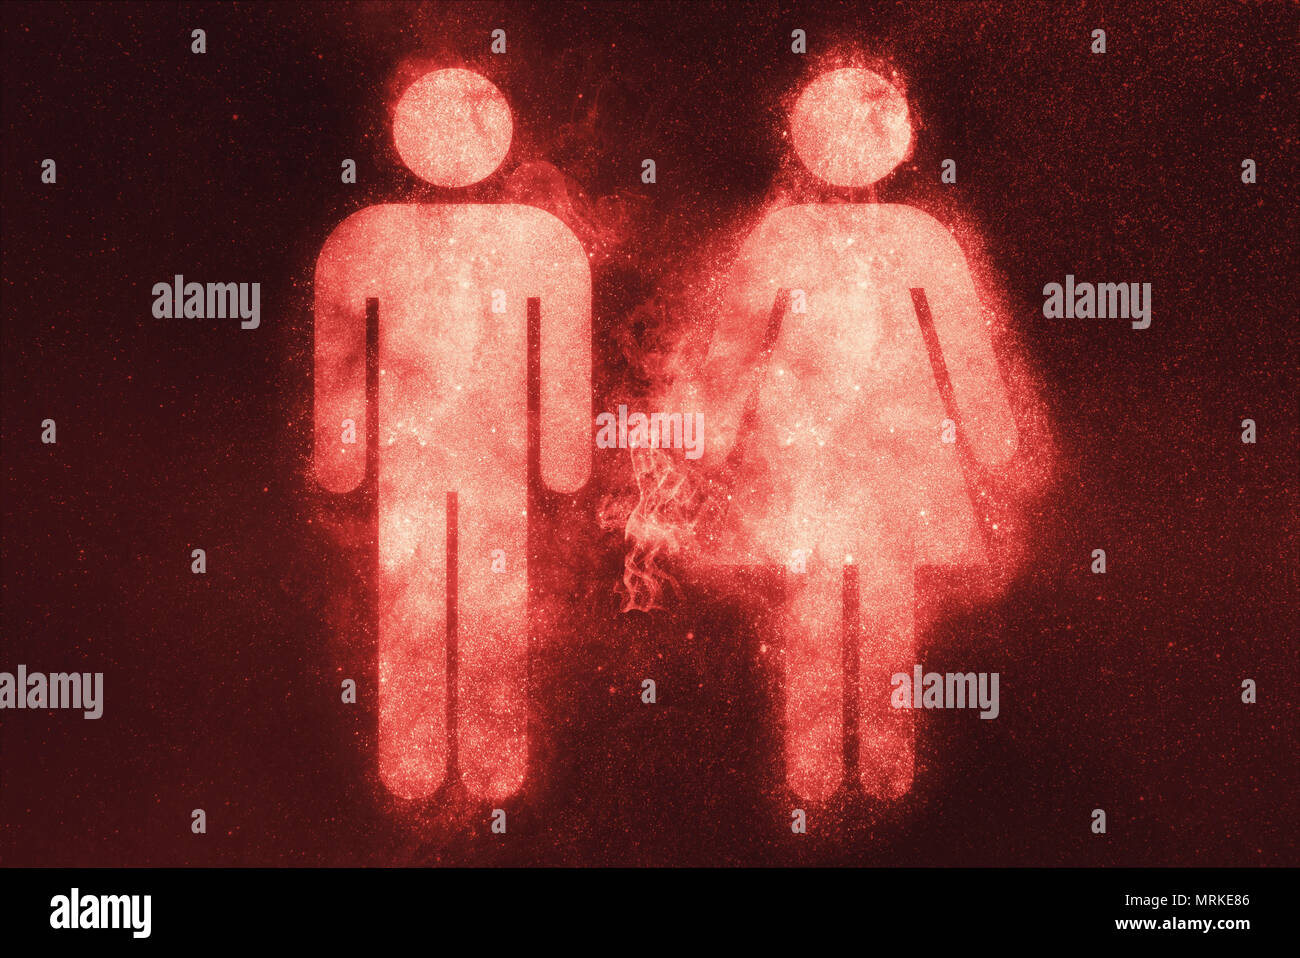 Símbolo masculino y femenino. Abstract fondo de cielo nocturno Imagen De Stock